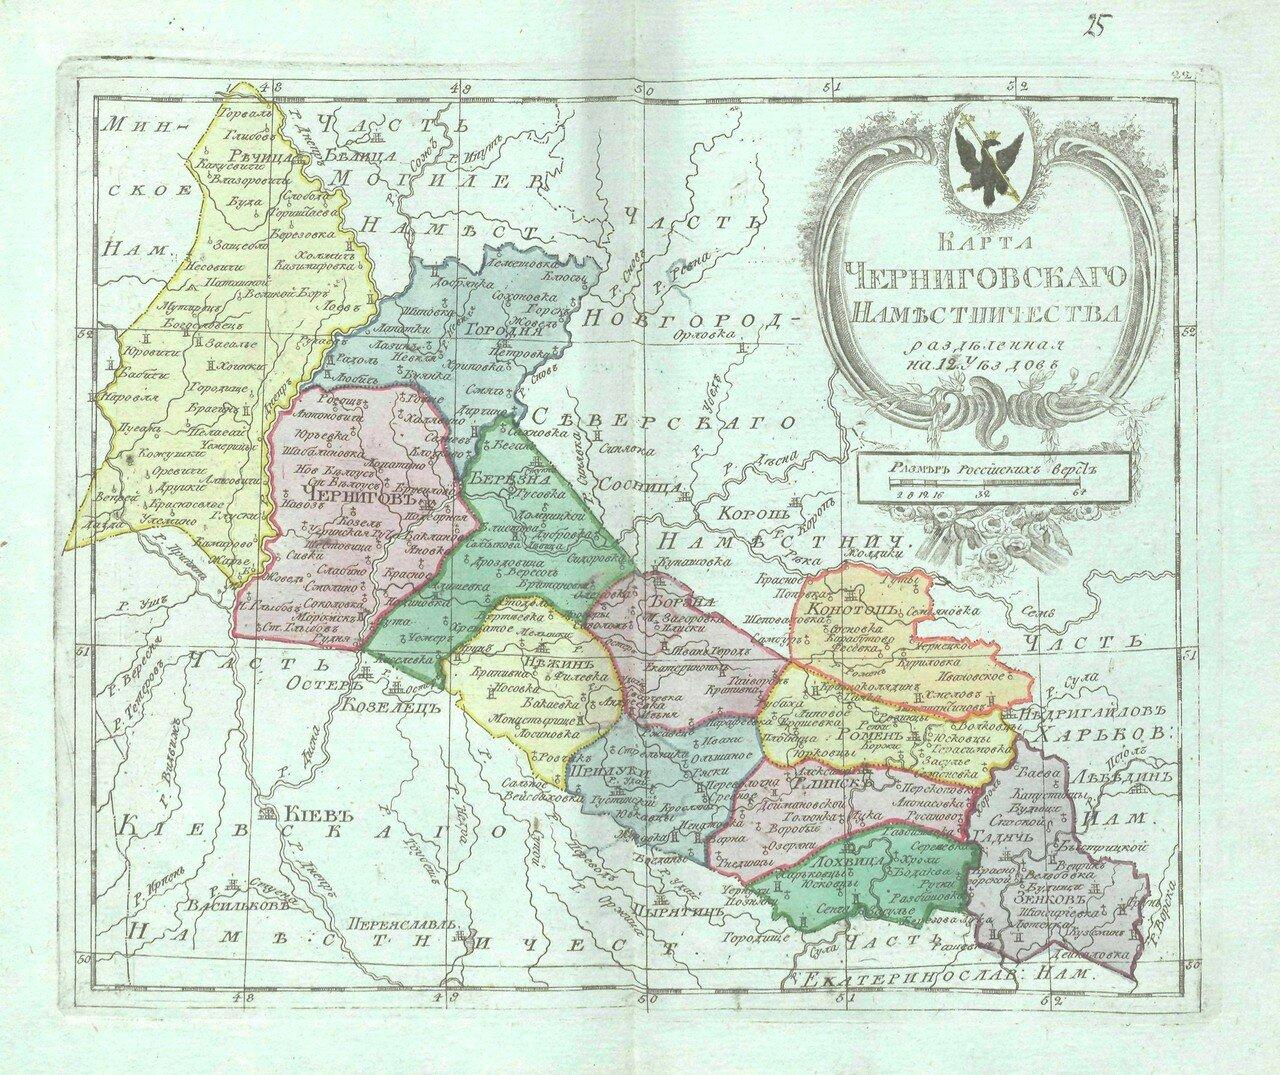 27. Карта Черниговского наместничества